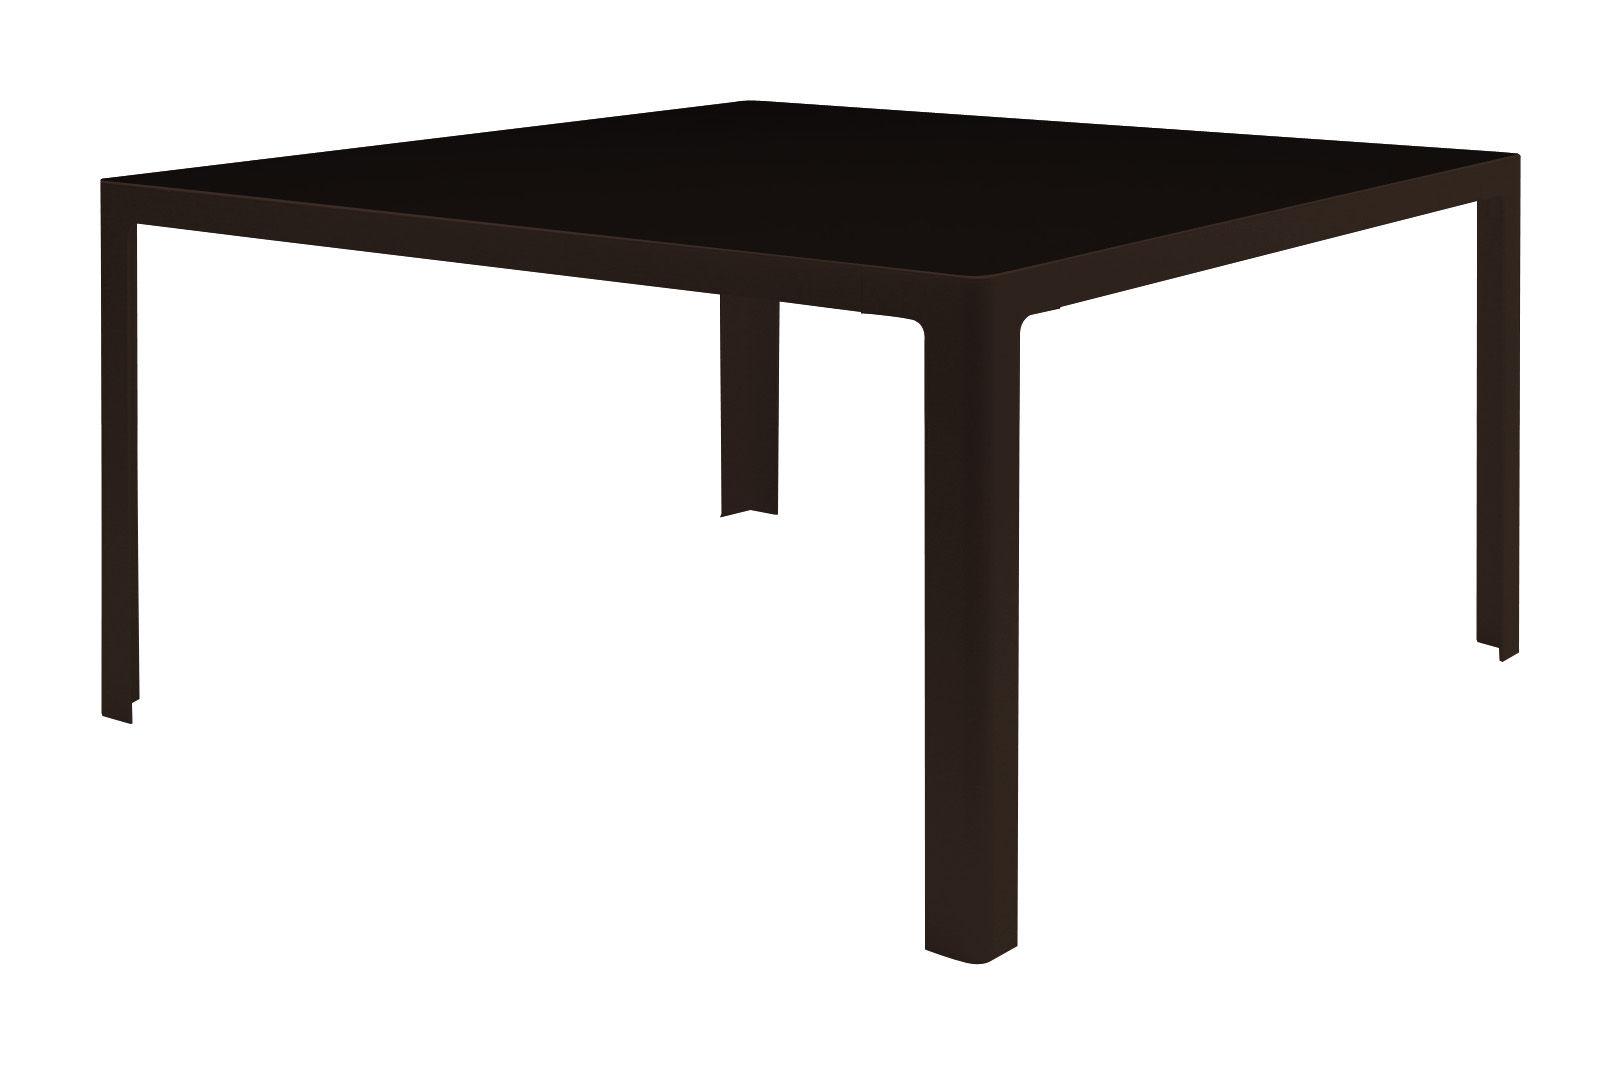 Möbel - Tische - Metisse Tisch - quadratisch - 140 x 140 cm - Zeus - Tischplatte schwarz - Gestell kupferschwarz - Glas, Stahl